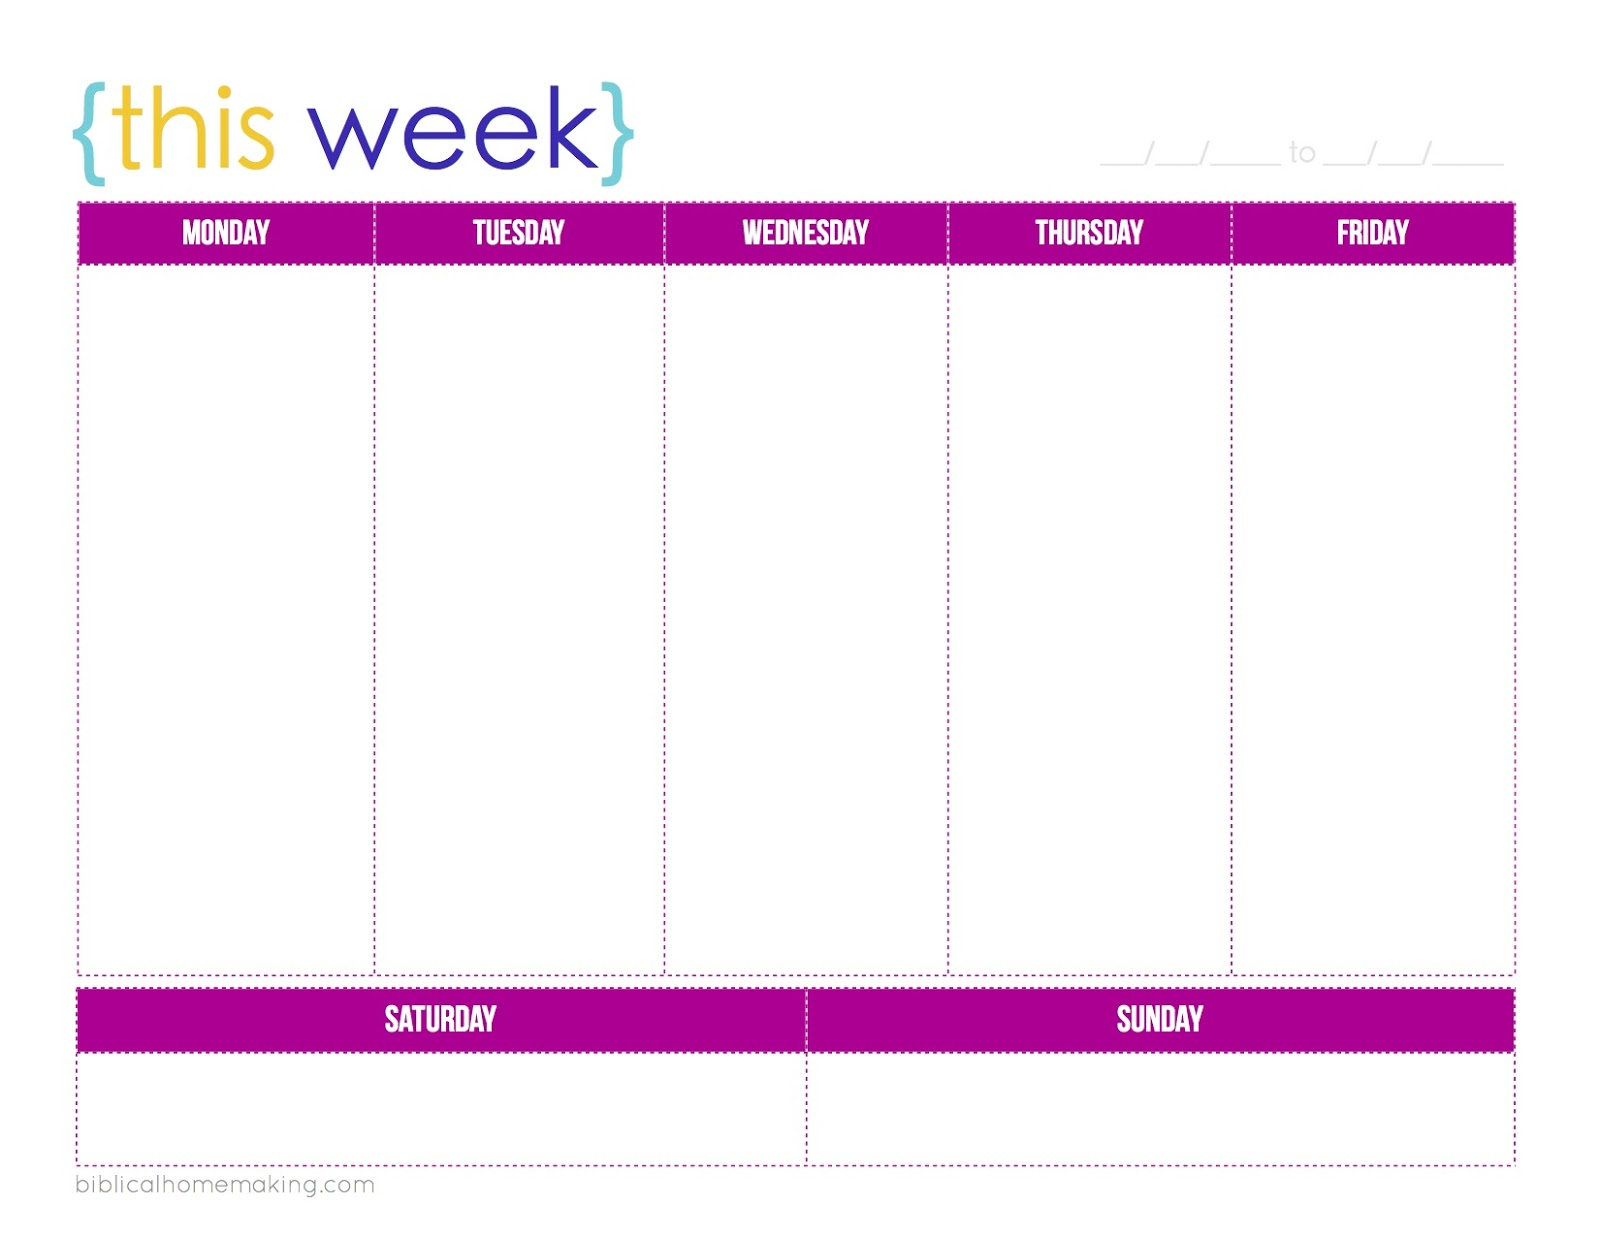 One Week Calendar Printable Schedule Ate Blank | Smorad for One Week Blank Calendar Printable